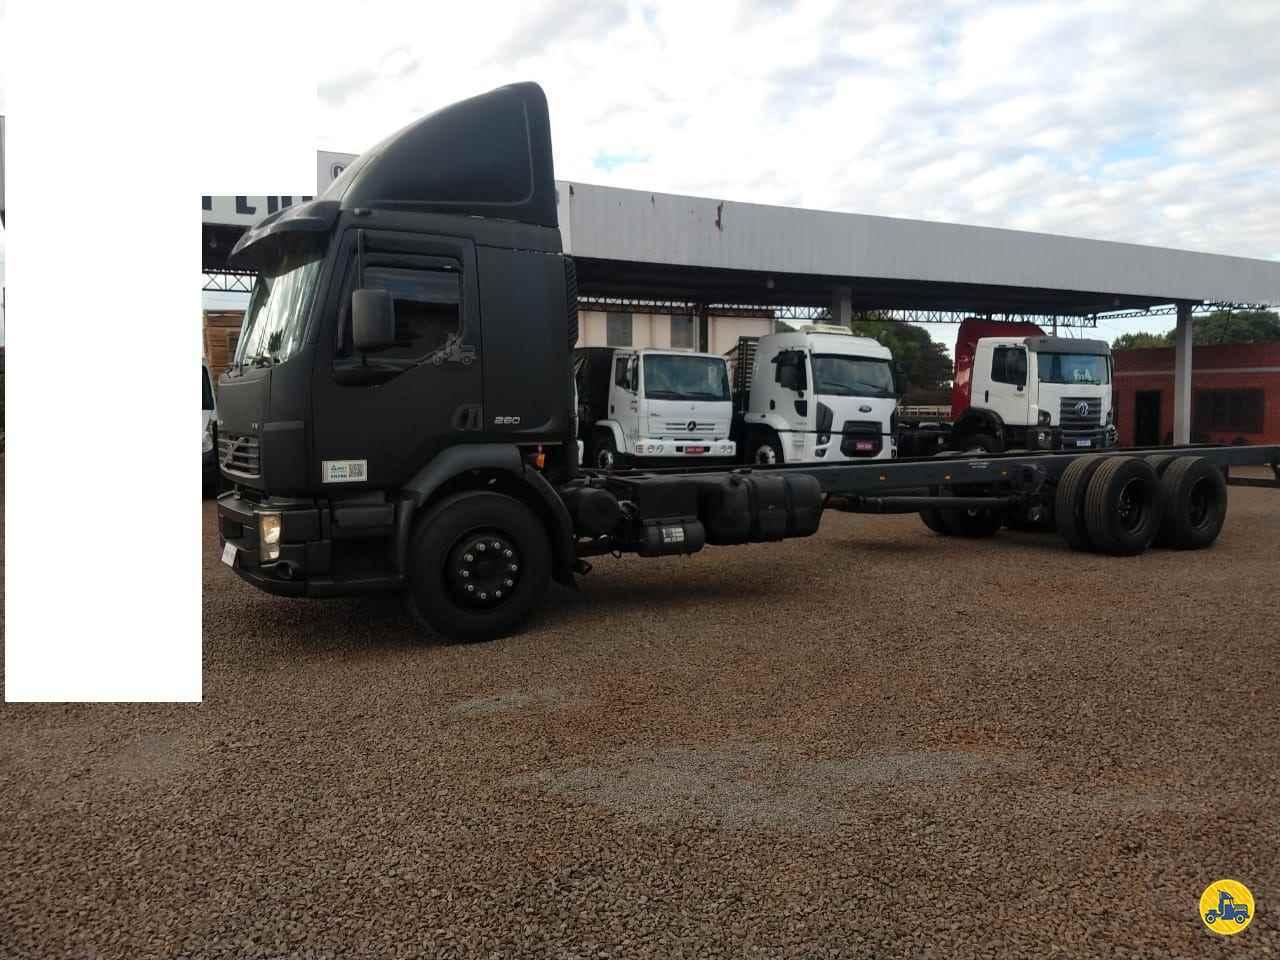 CAMINHAO VOLVO VOLVO VM 260 Chassis Truck 6x2 Transmap Caminhões SANTA ROSA RIO GRANDE DO SUL RS